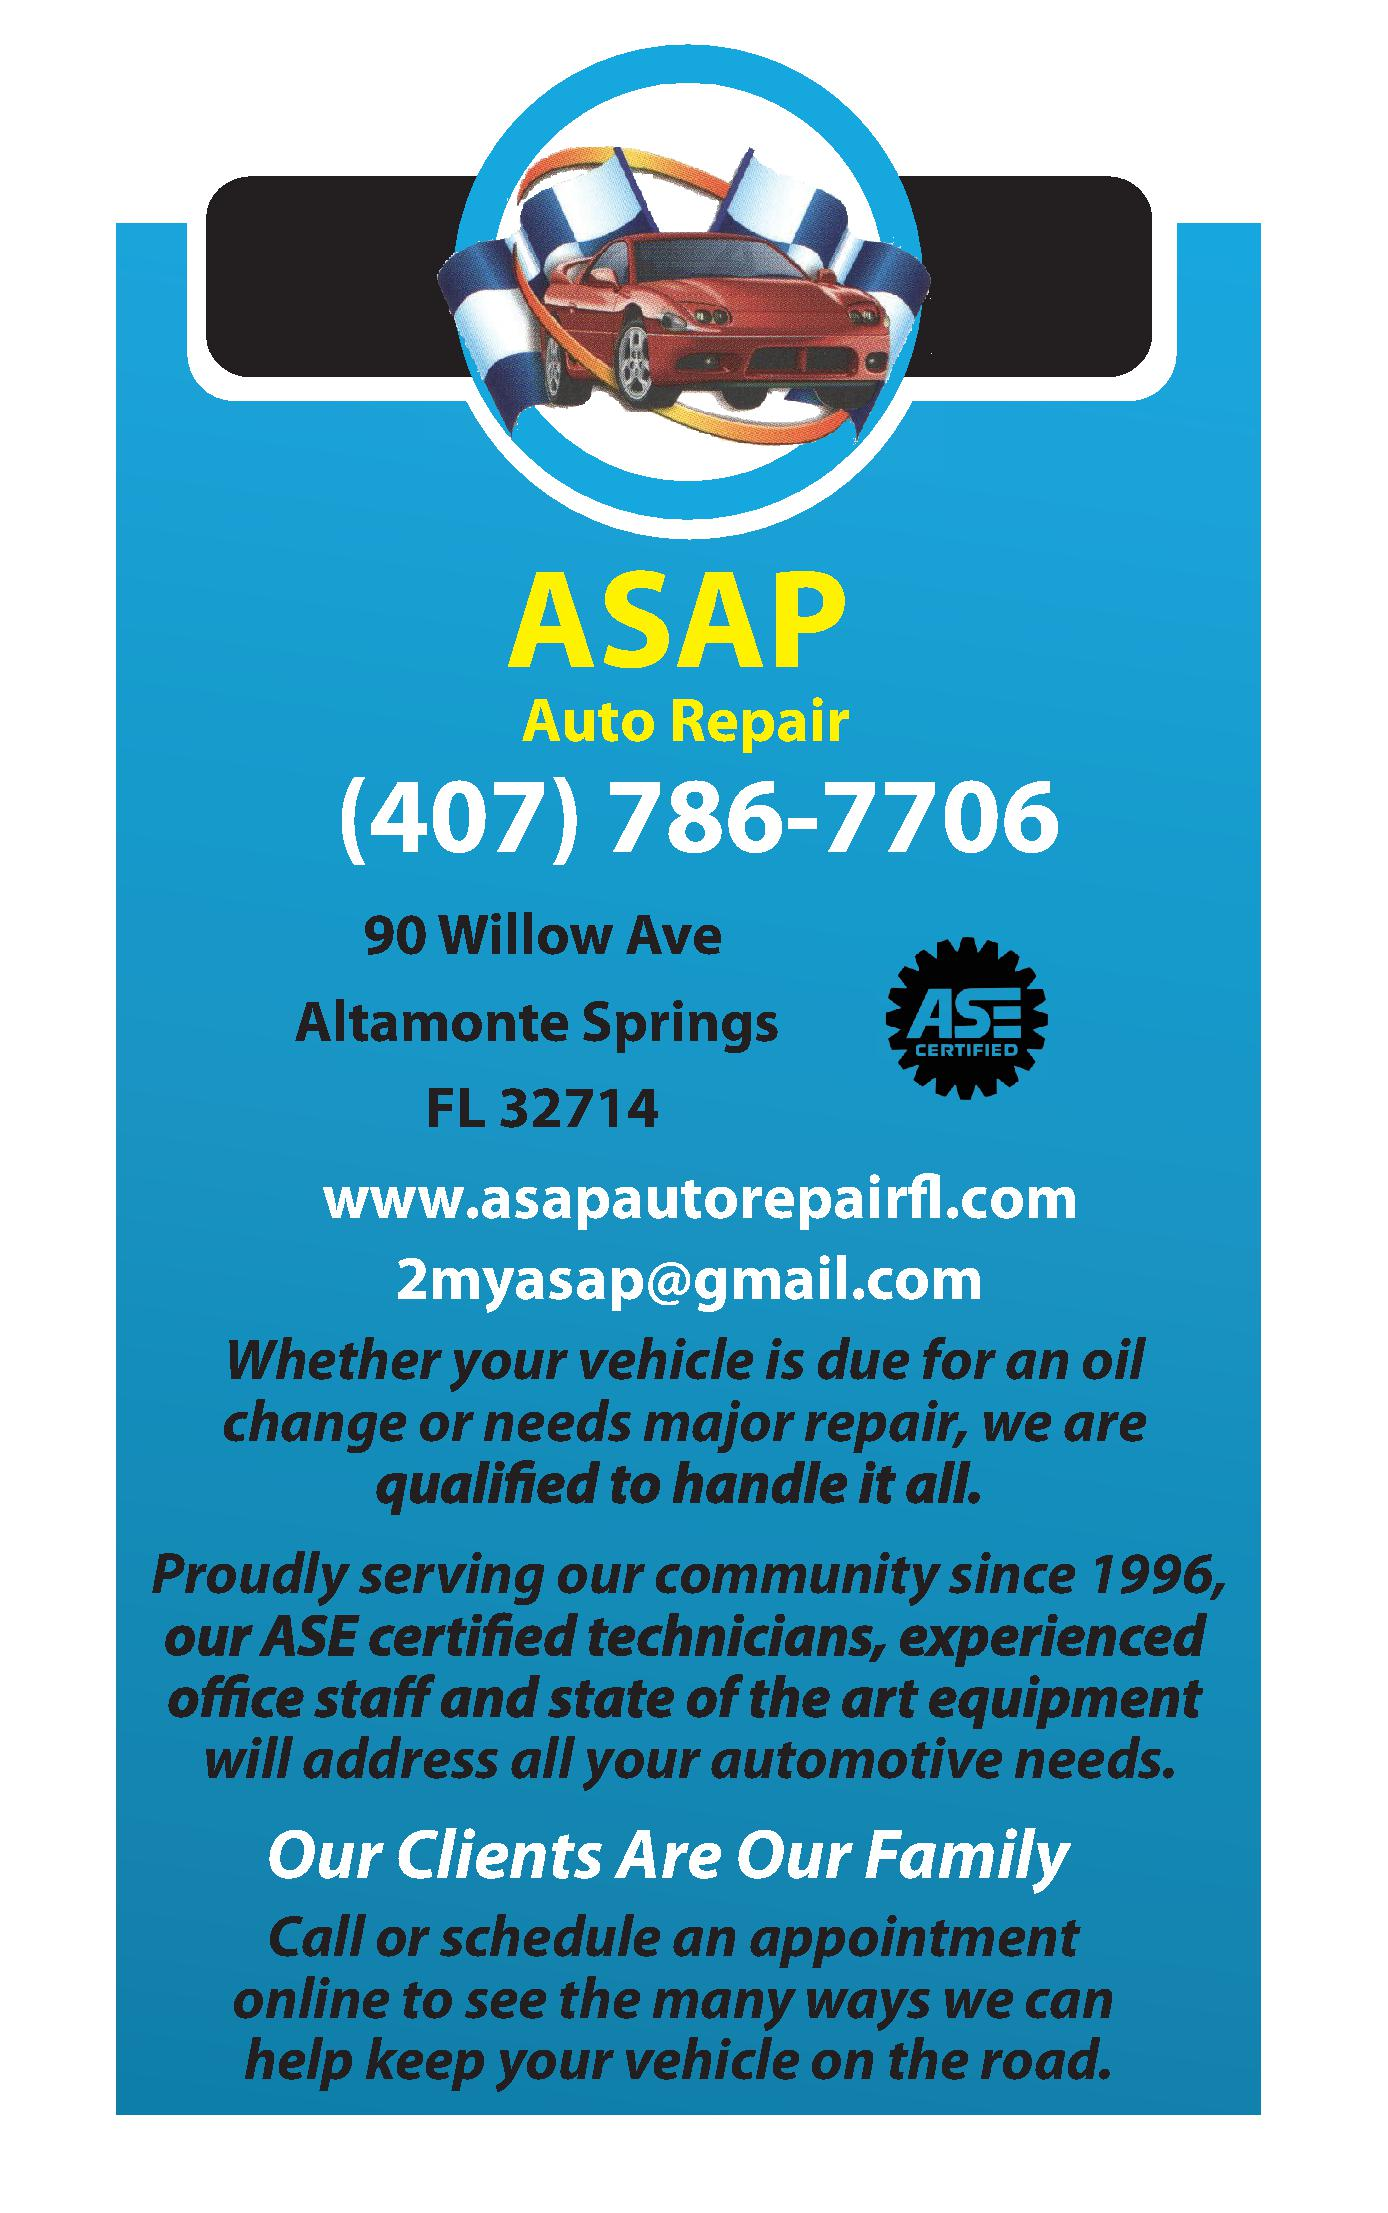 ASAP Auto Repair